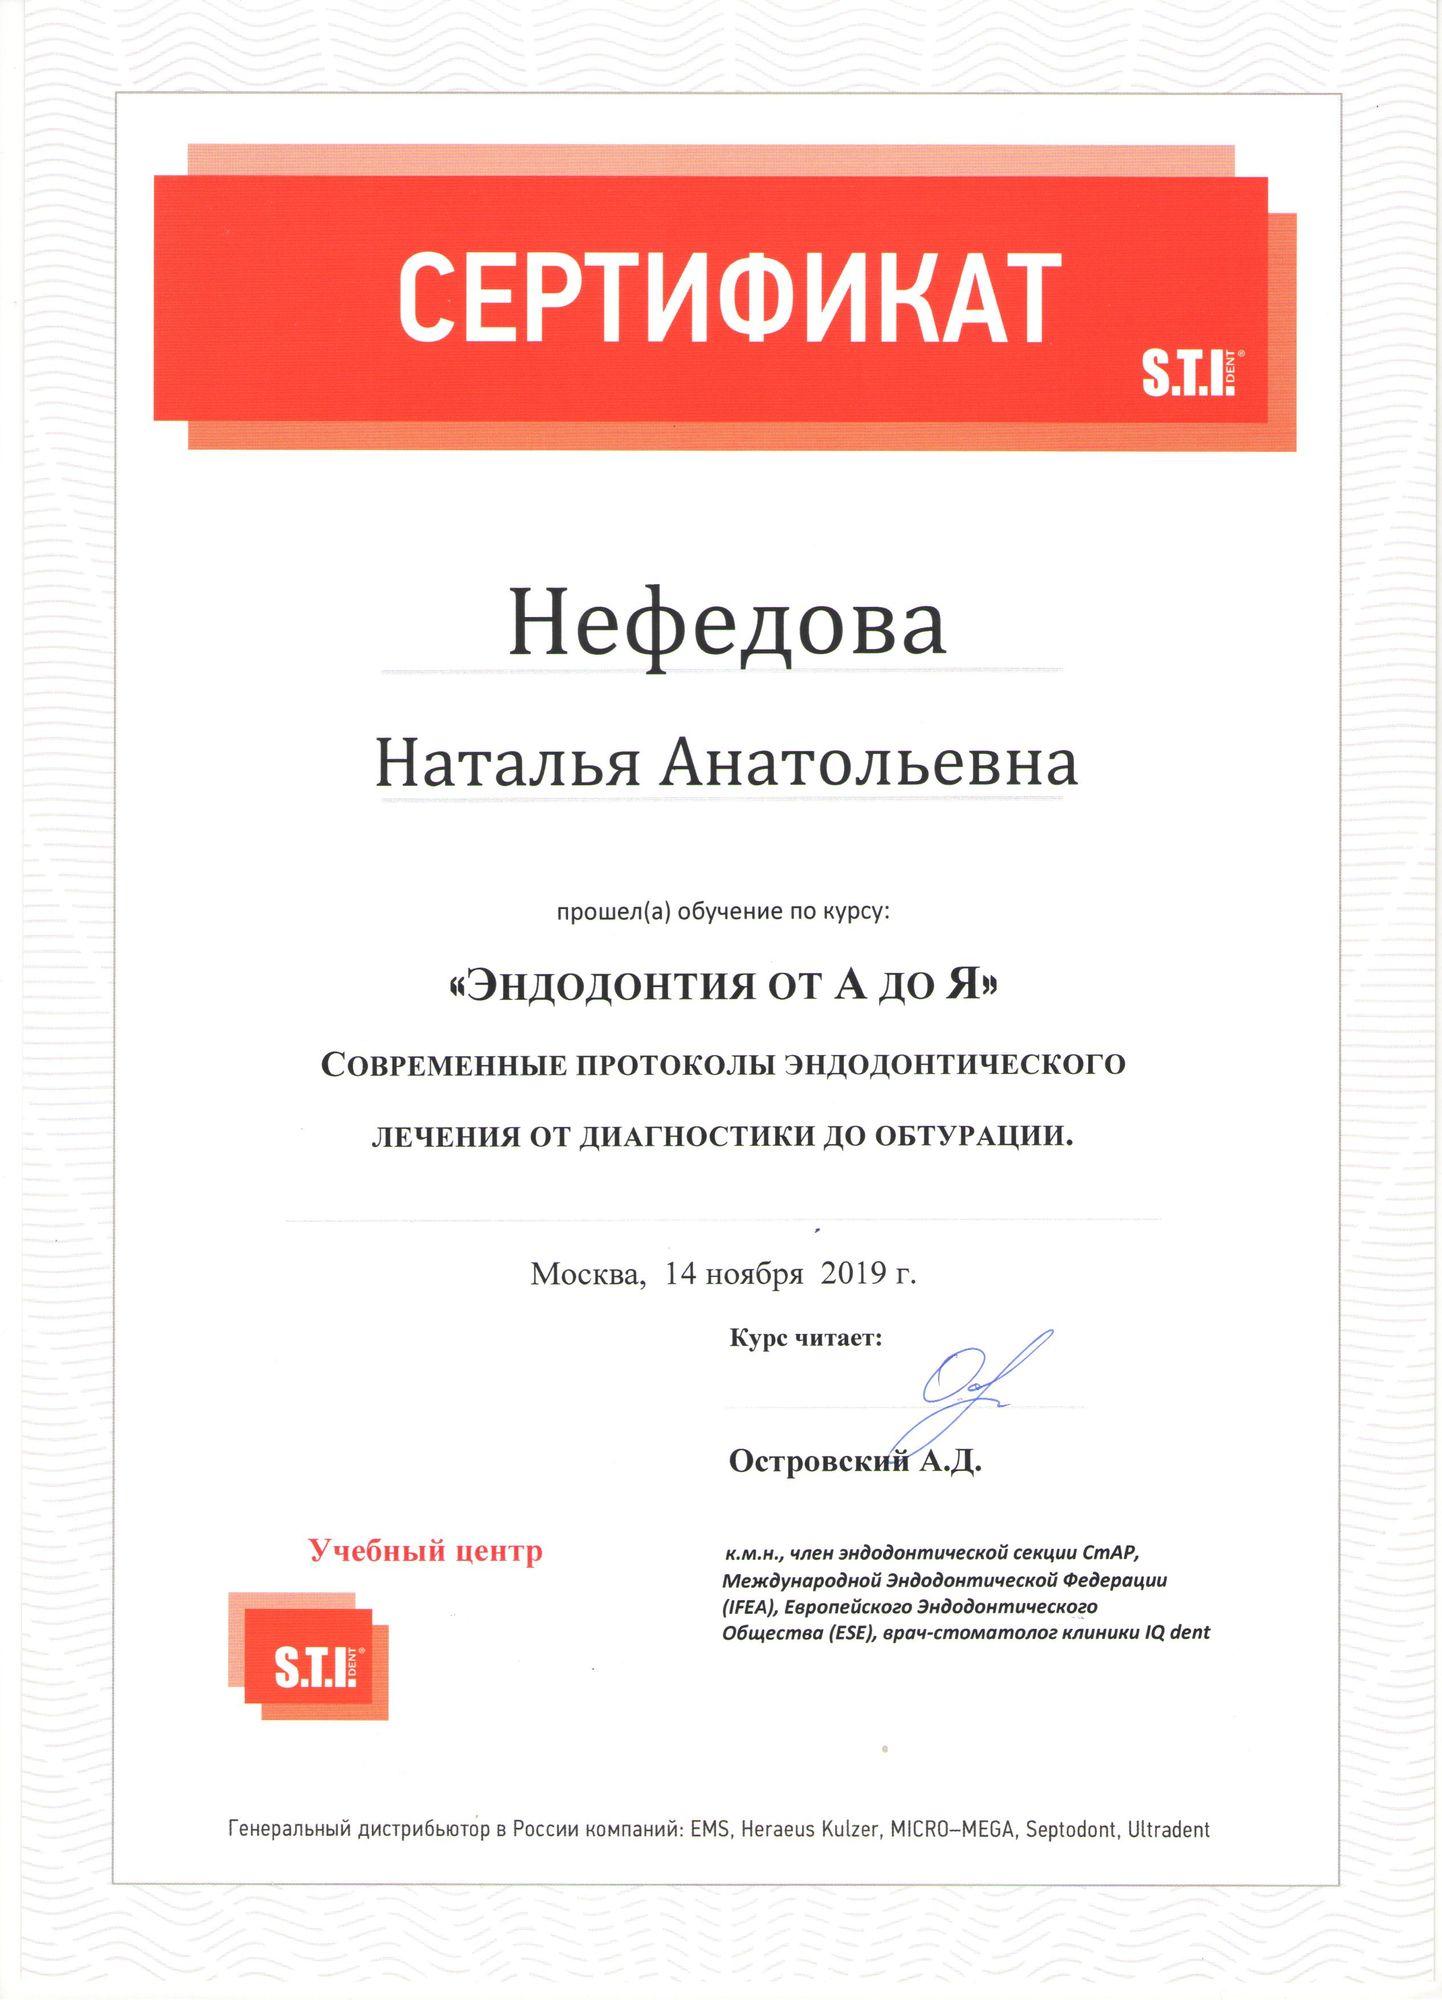 Нефедова_сертификаты_07